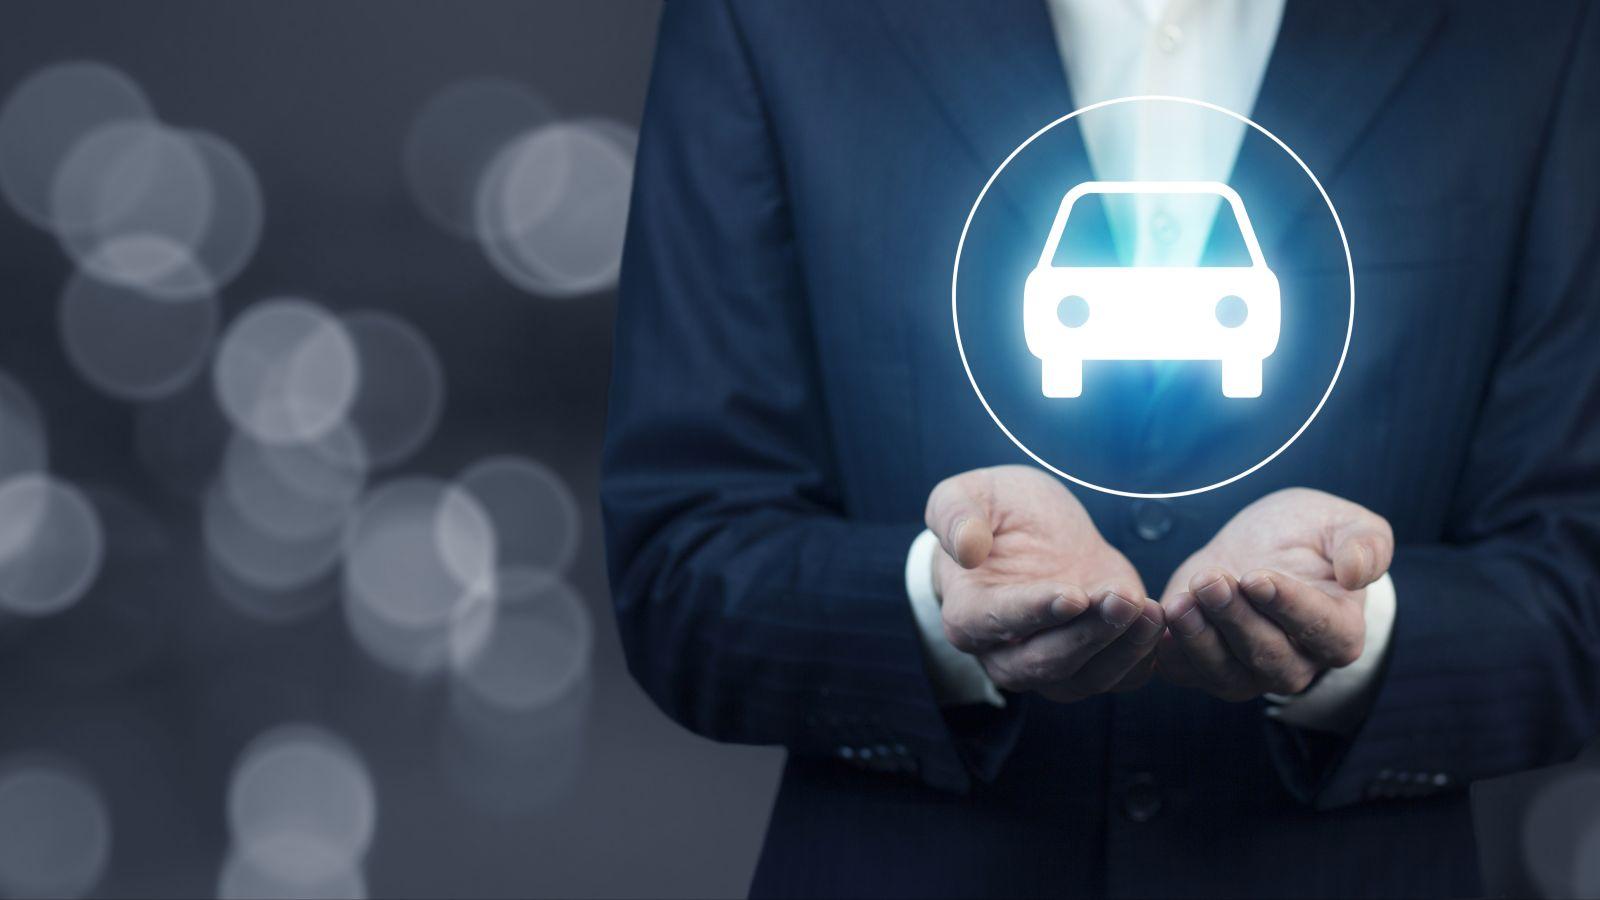 Leuchtendes Symbol eines Autos schwebt über den Handflächen einer formal gekleidete Person